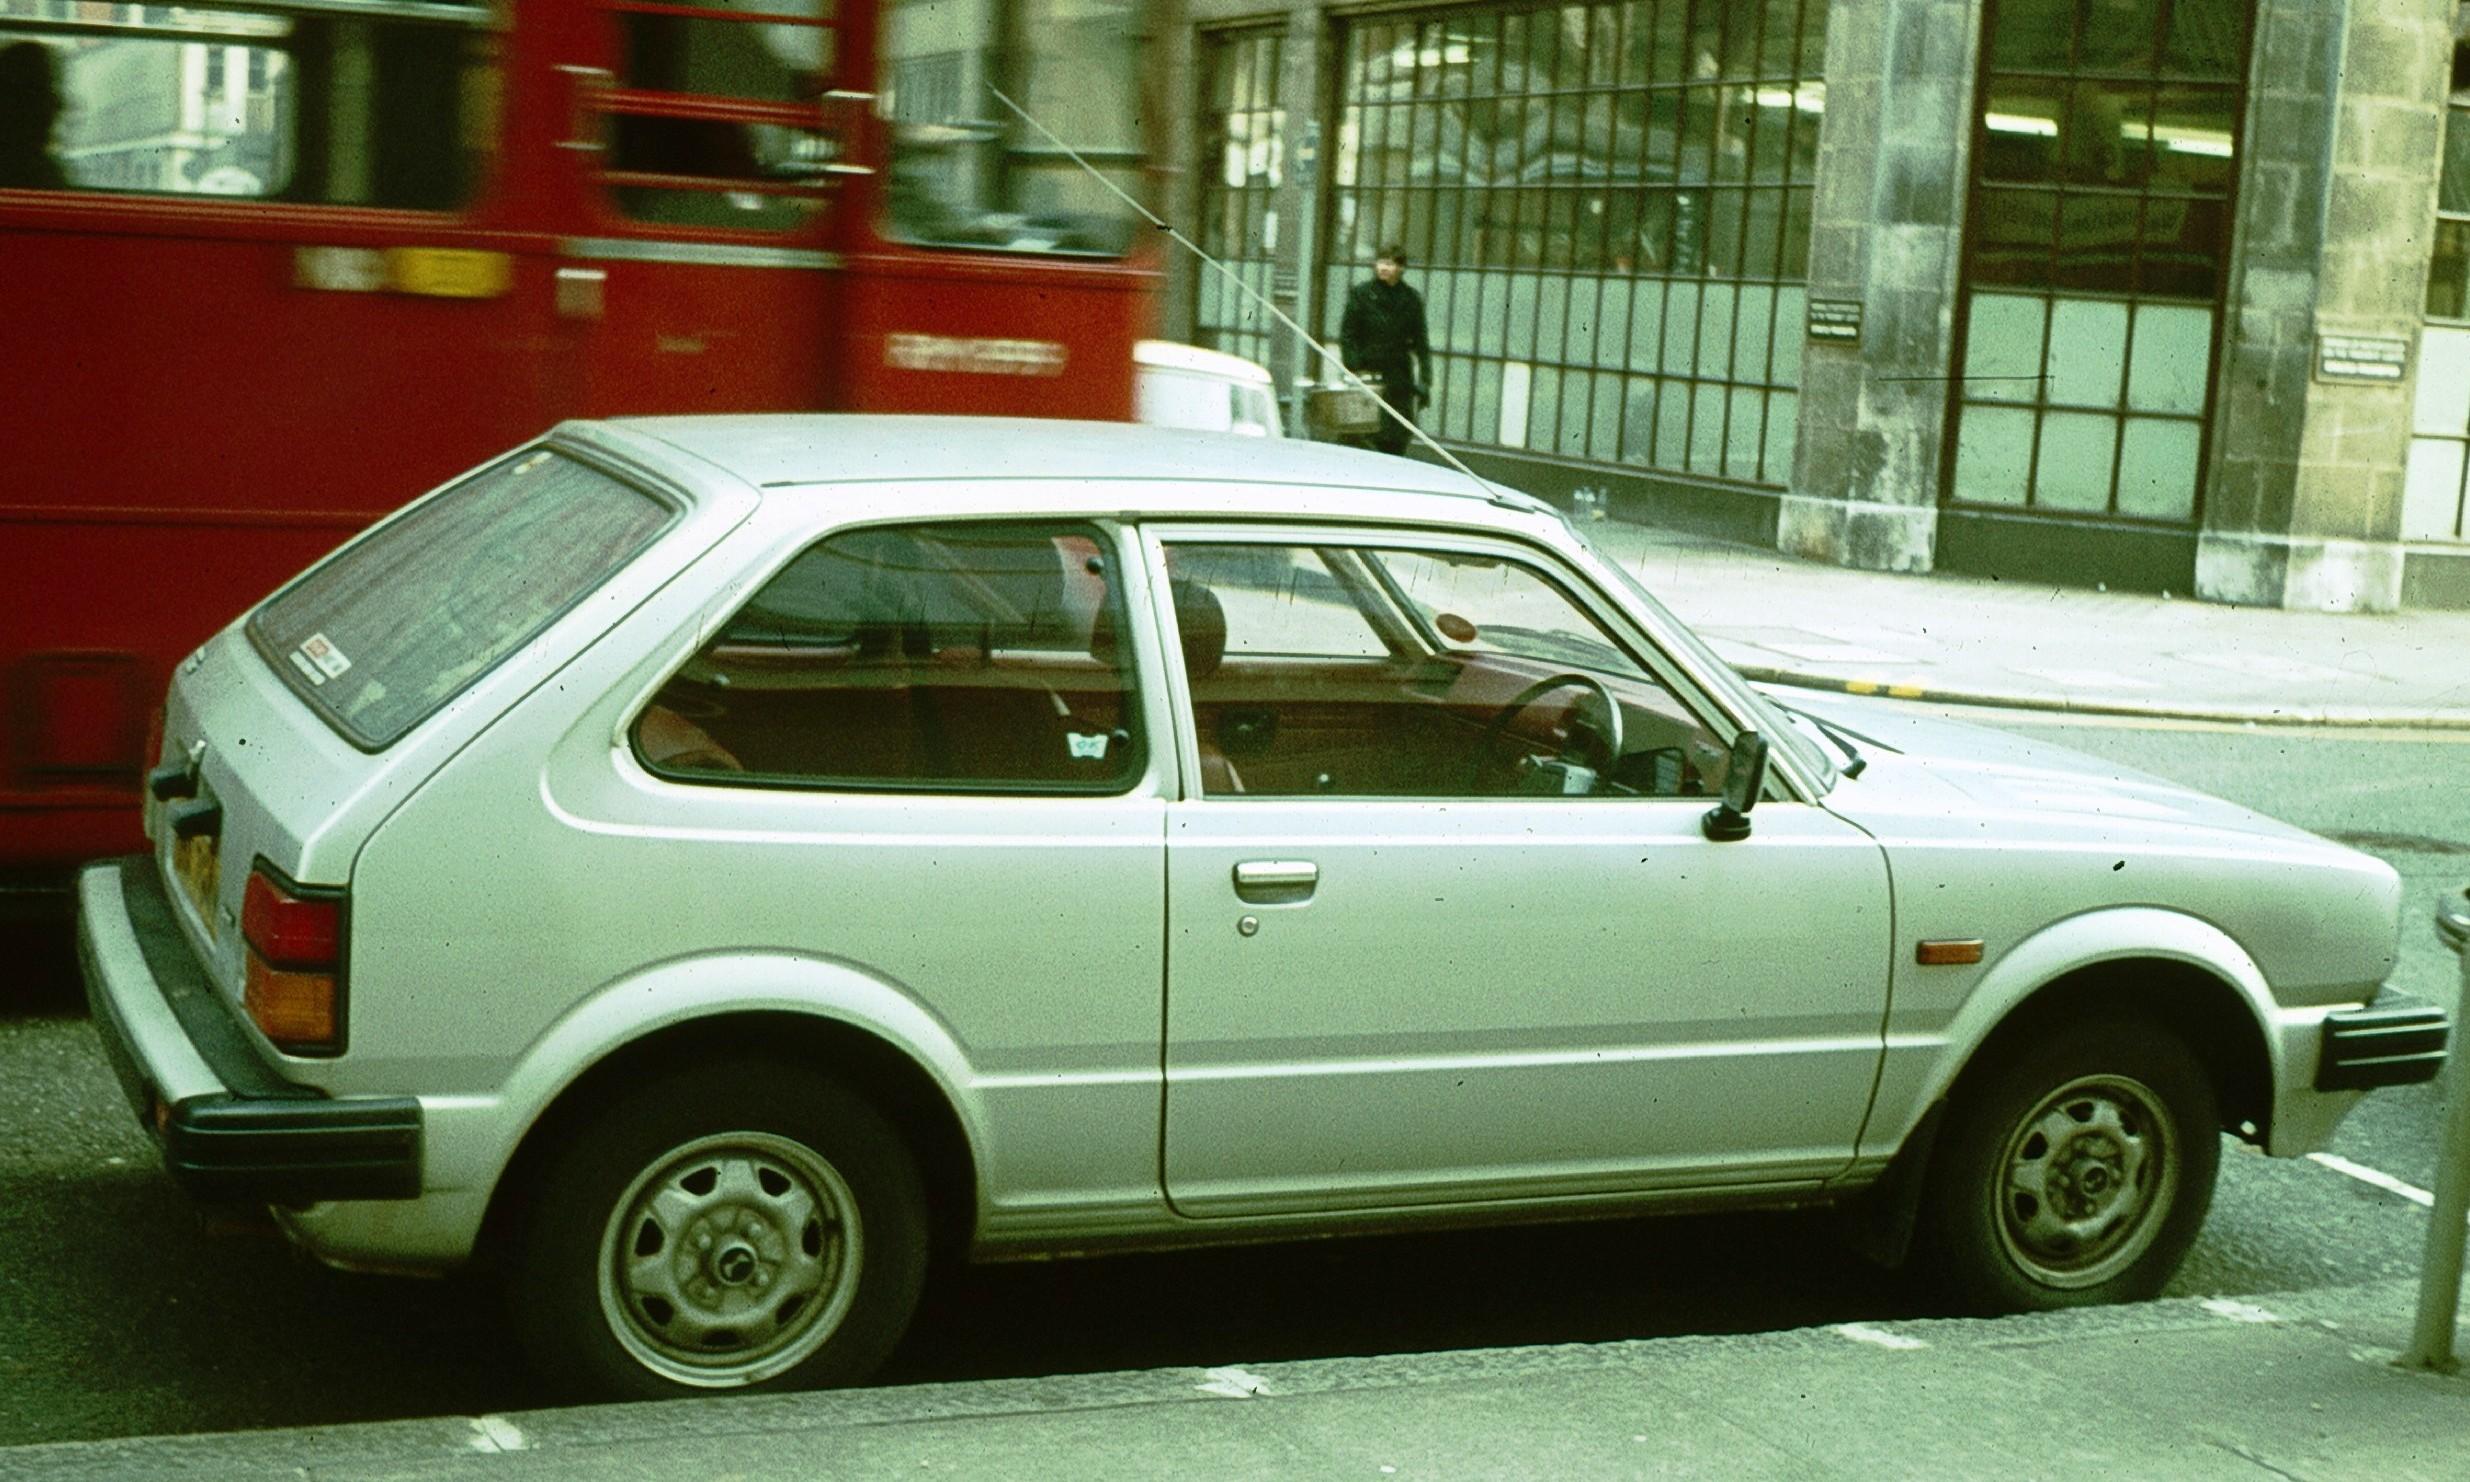 Kelebihan Kekurangan Honda Civic 1982 Top Model Tahun Ini